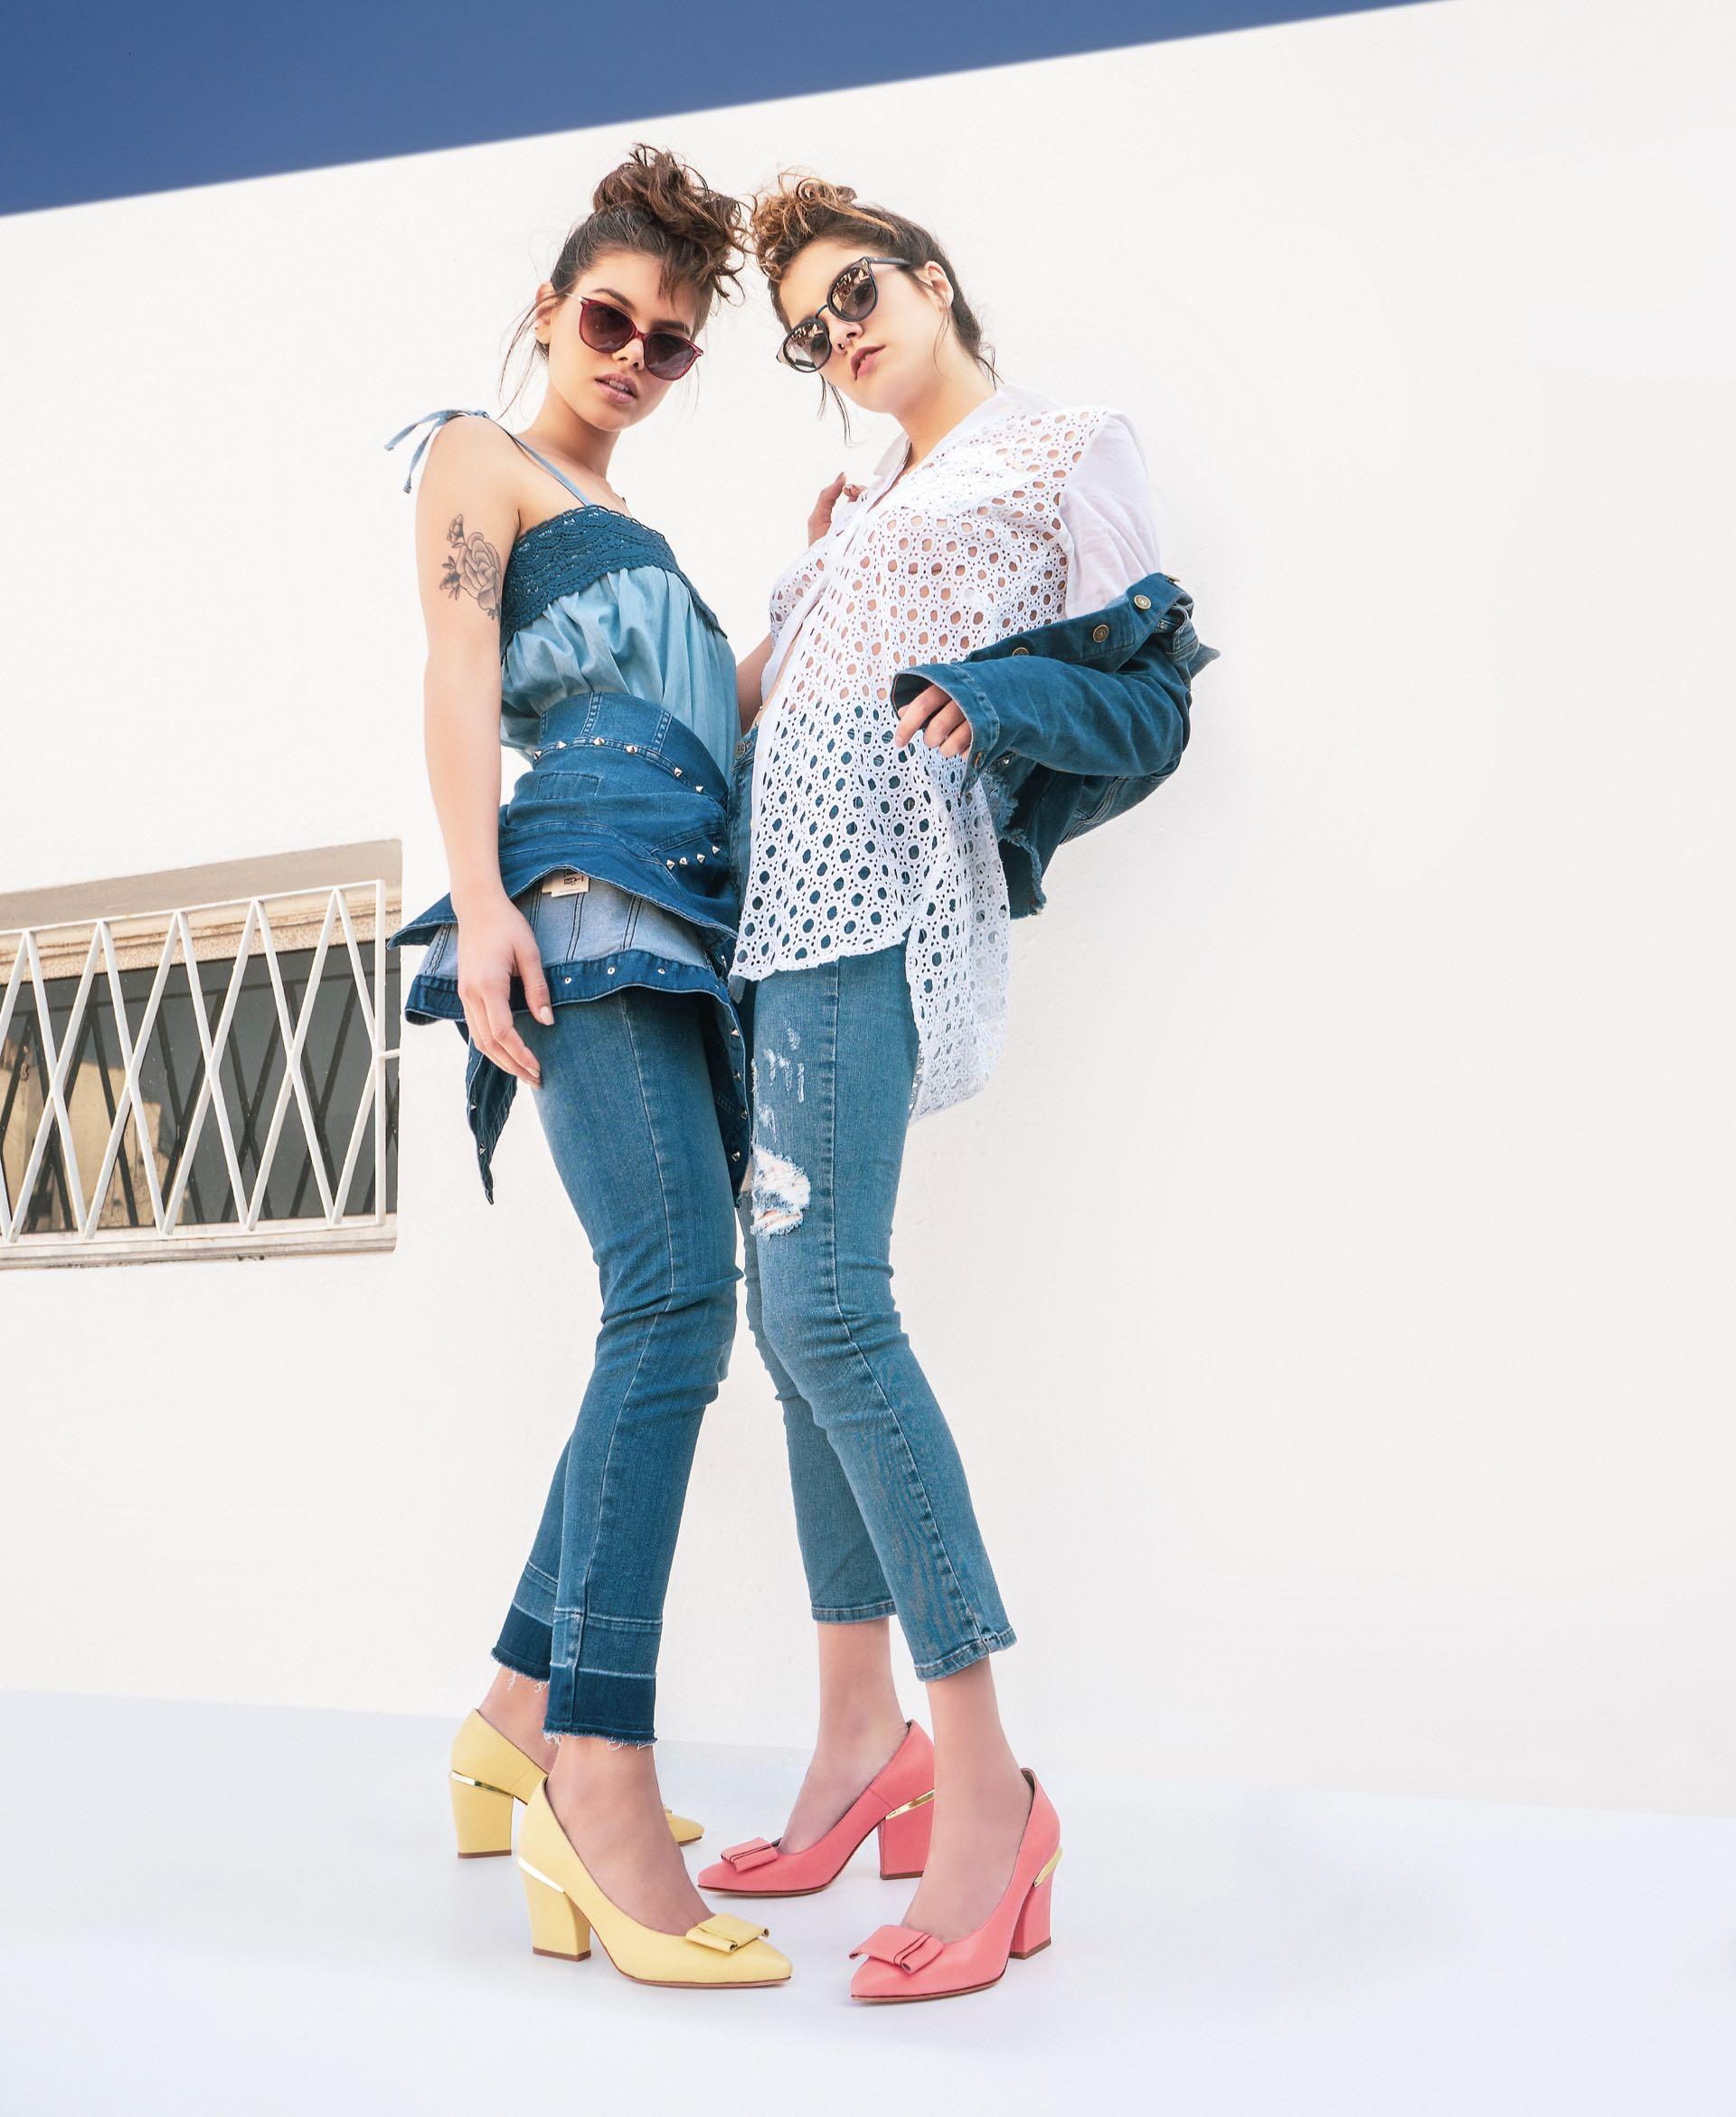 Male: chaqueta de jean con tachas ($ 1.450, Kevingston), top de jean ($ 1.694, La Cofradía), jean sin ruedo ($ 2.058, Julien), stilettos de cuero con moño (Saverio Di Ricci) y anteojos de sol ($ 3.450, Orbital). Bianca: chaqueta de jean con tachas (Riffle jeans), camisa de broderie de algodón ($ 6.000, Rafael Garófalo), jean con roturas ($ 1.848, La Cofradía), stilettos de cuero con moño (Saverio Di Ricci) y anteojos de sol ($ 4.400, Orbital). (Foto: Juan Jauregui/ Para Ti)